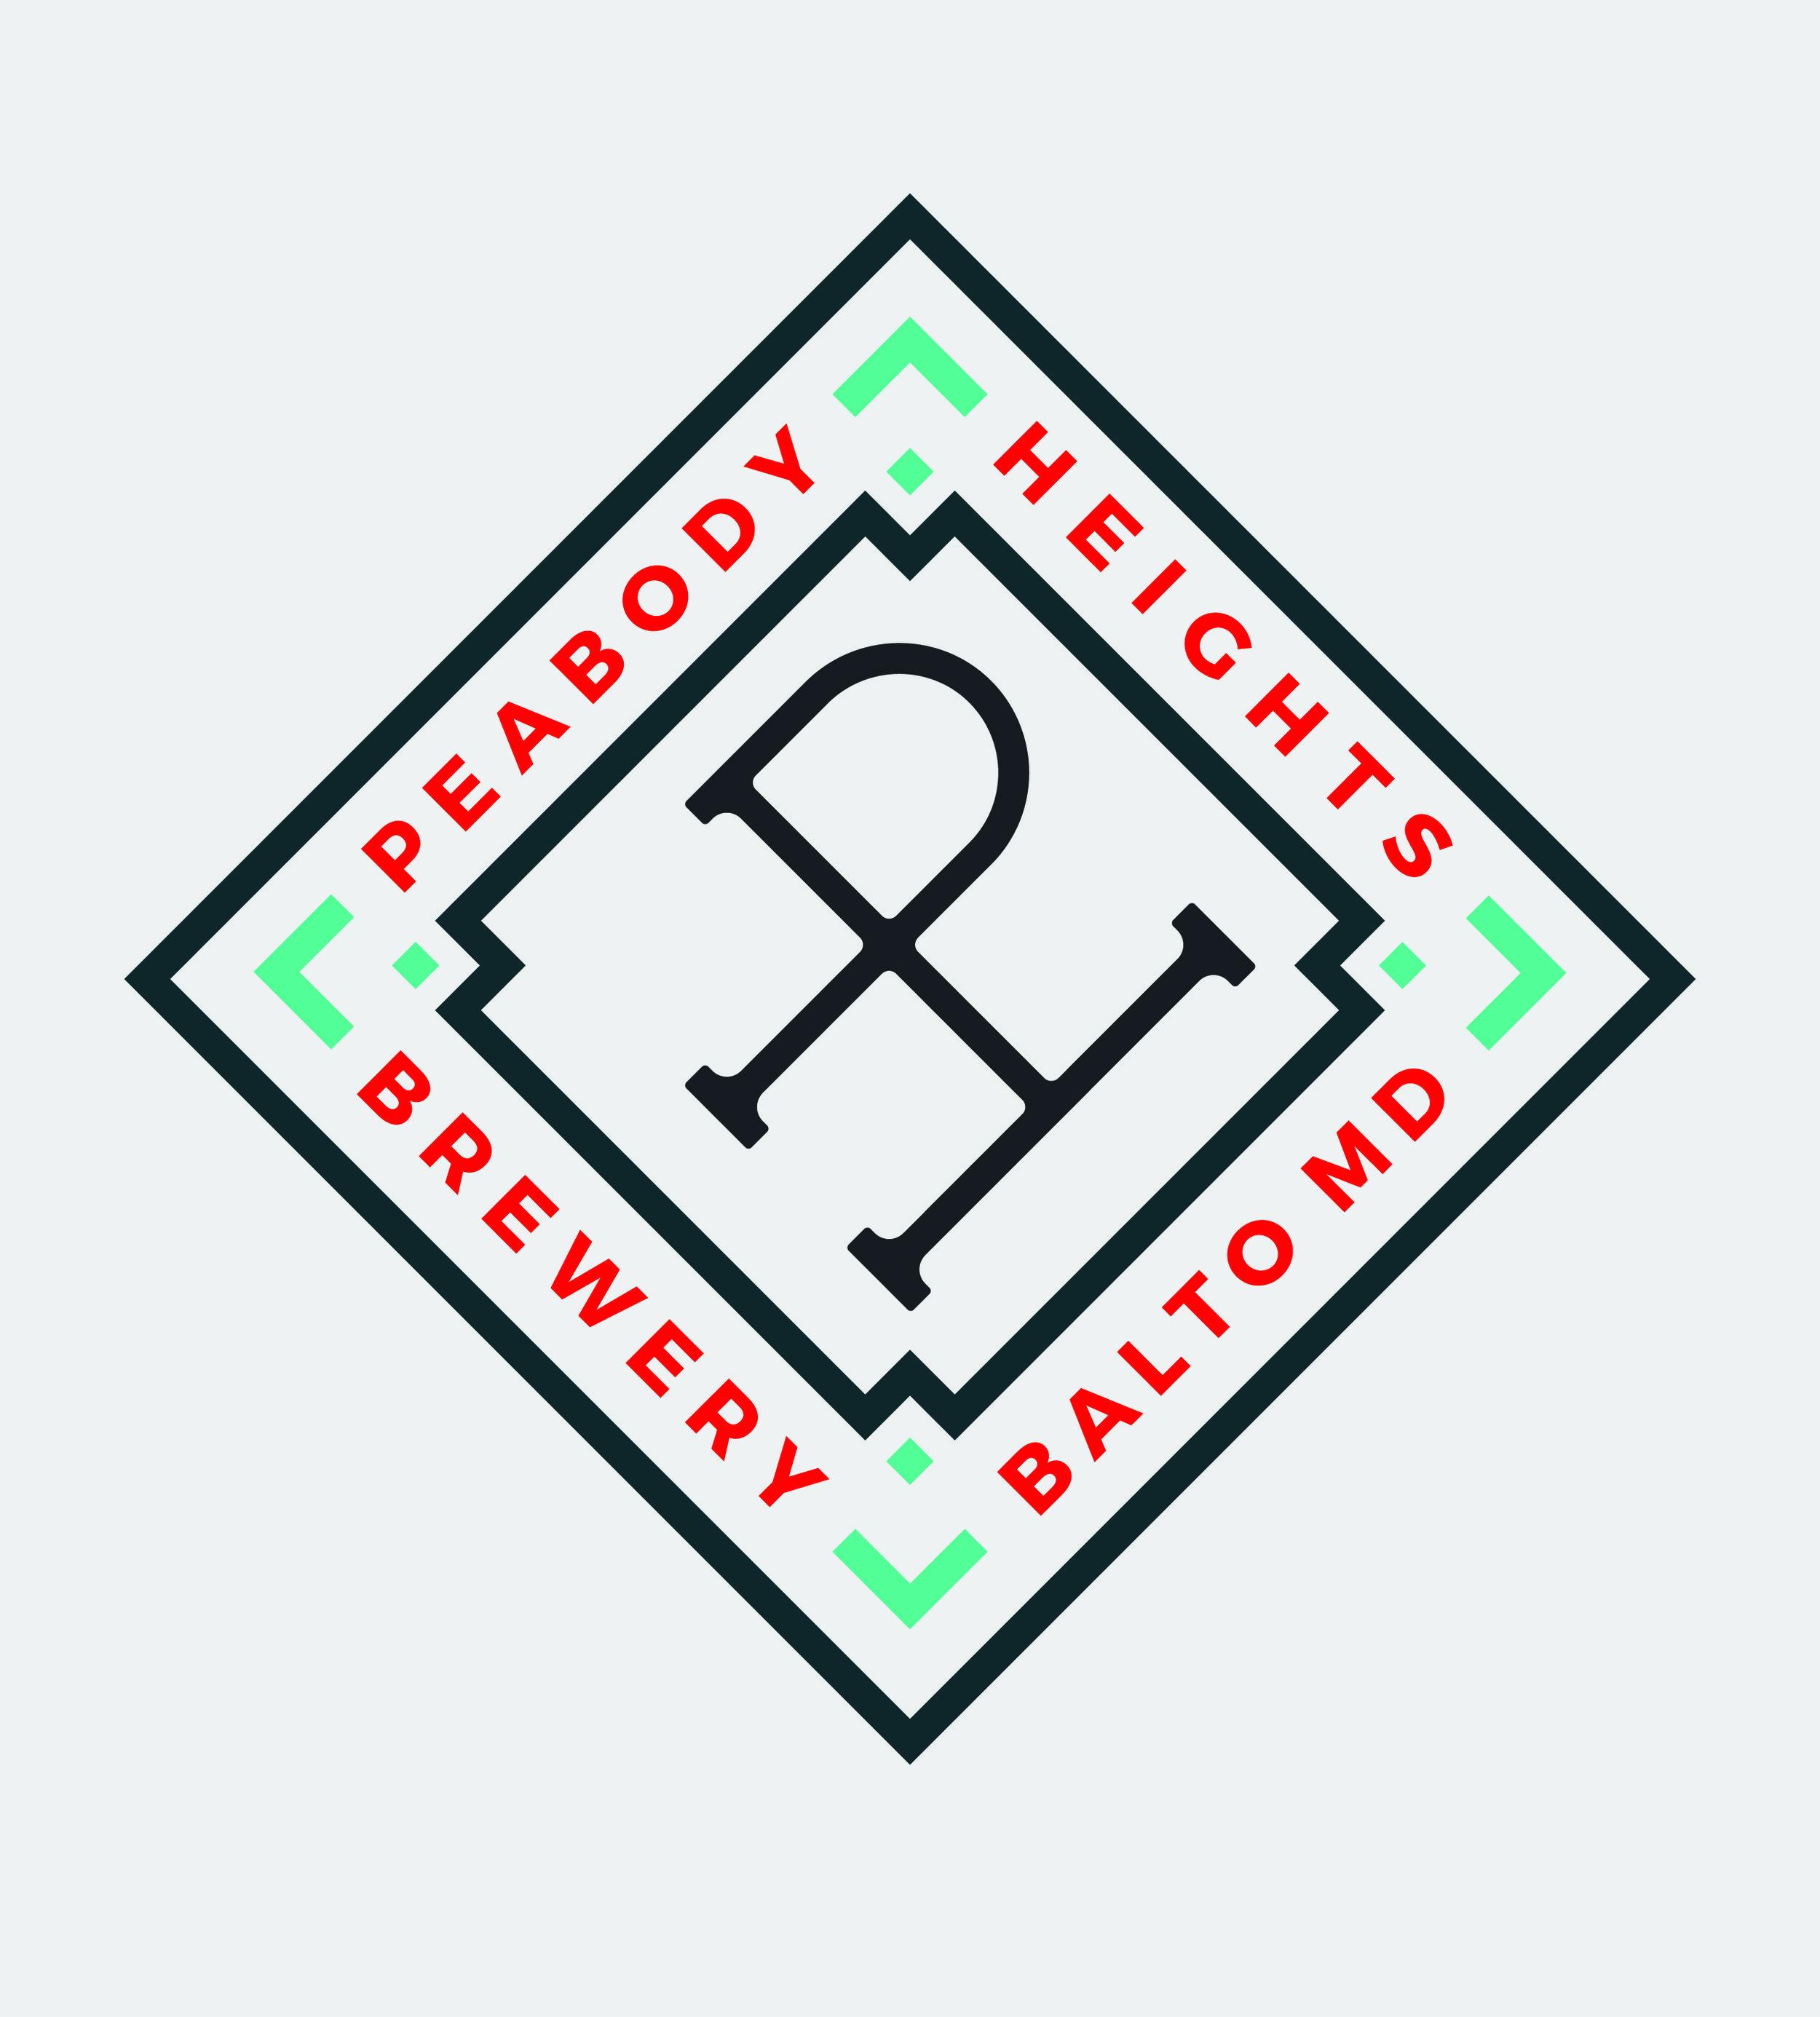 PHB_Logos_Light-02.jpg